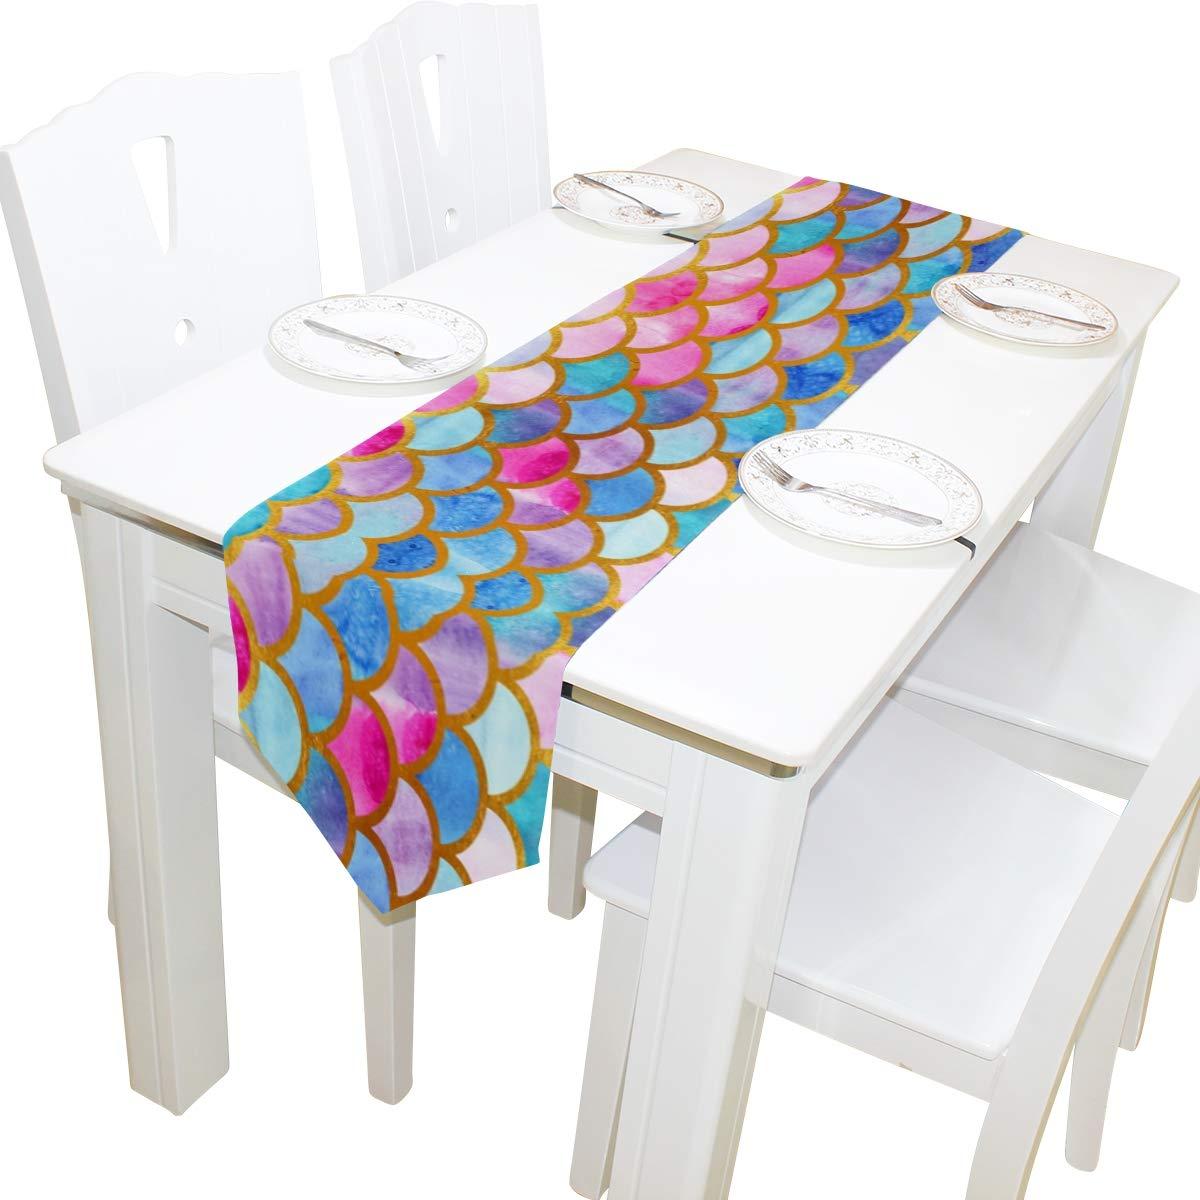 Ideale per Cucina Vacanze Hunihuni Banchetti Matrimoni Sala da Pranzo Runner da tavola colorato con Motivo a Squame di Sirena